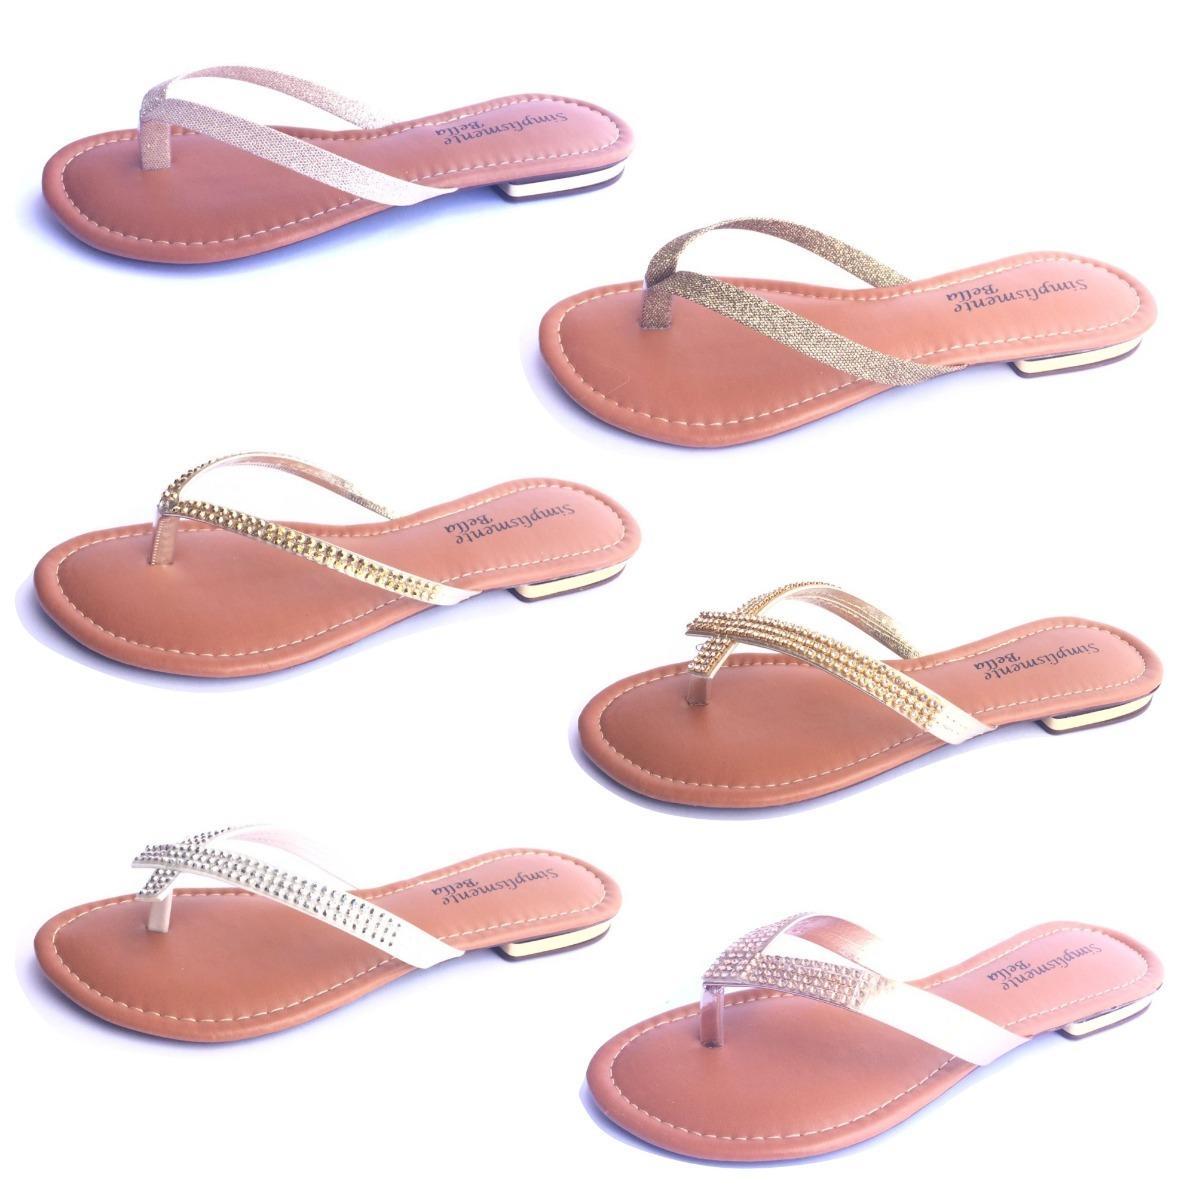 c88e431a67 kit 2 sandália feminina rasteira rasteirinha bella promoção. Carregando  zoom.